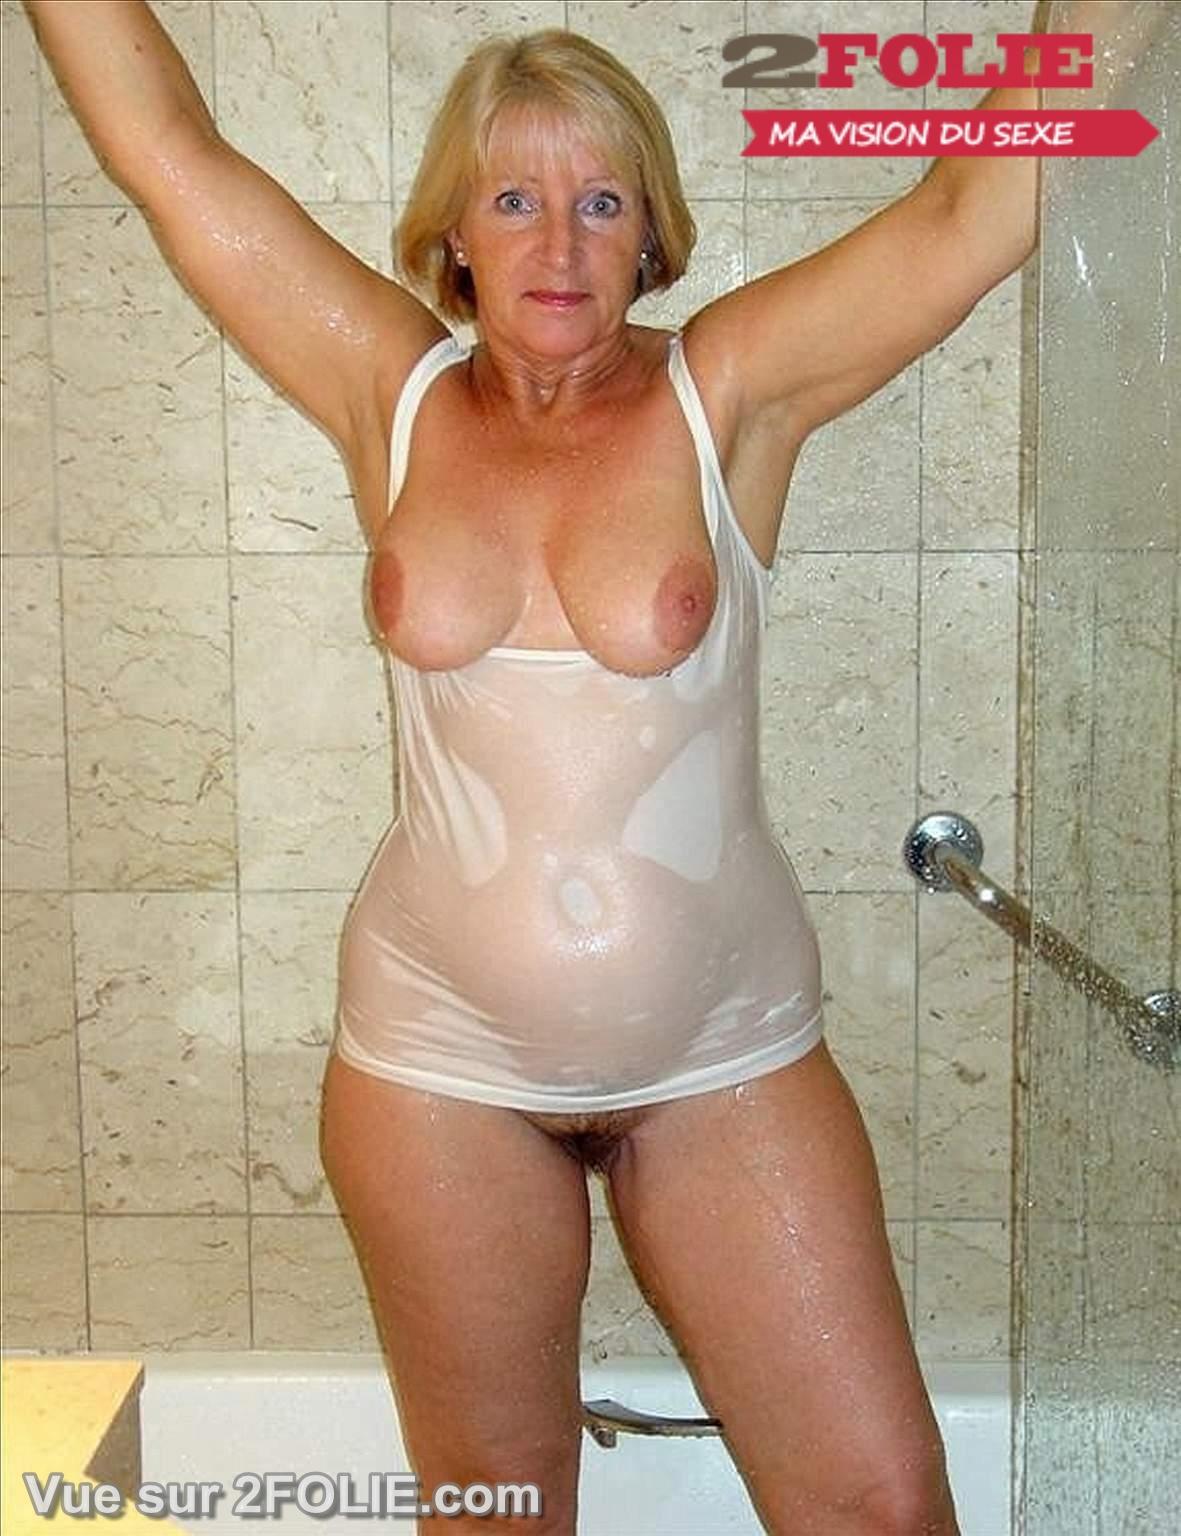 photos de femmes nues gratuites anonces